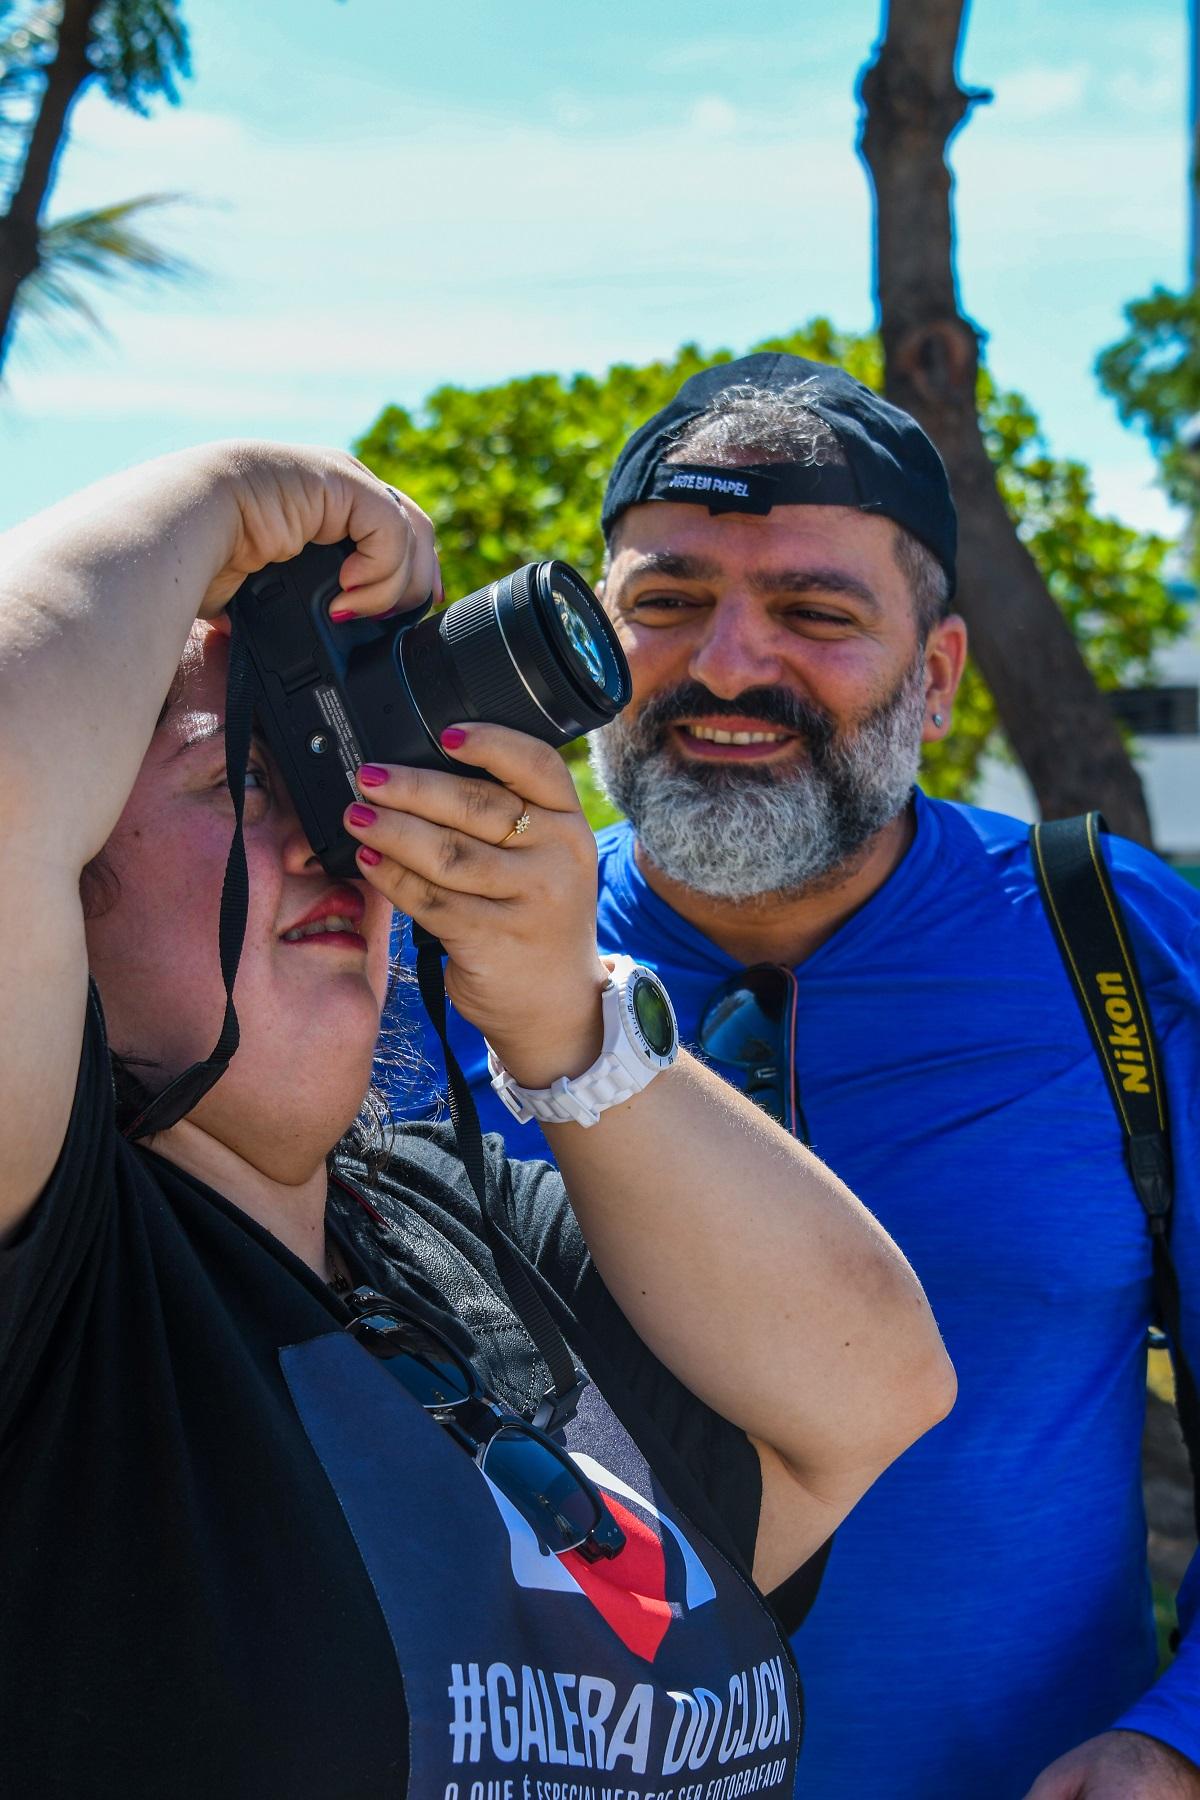 #PraTodoMundoVer Em primeiro plano uma jovem com down segura uma câmera fotográfica na altura do rosto. Em segundo plano, um homem vestindo camisa azul e boné olha para a garota sorrindo